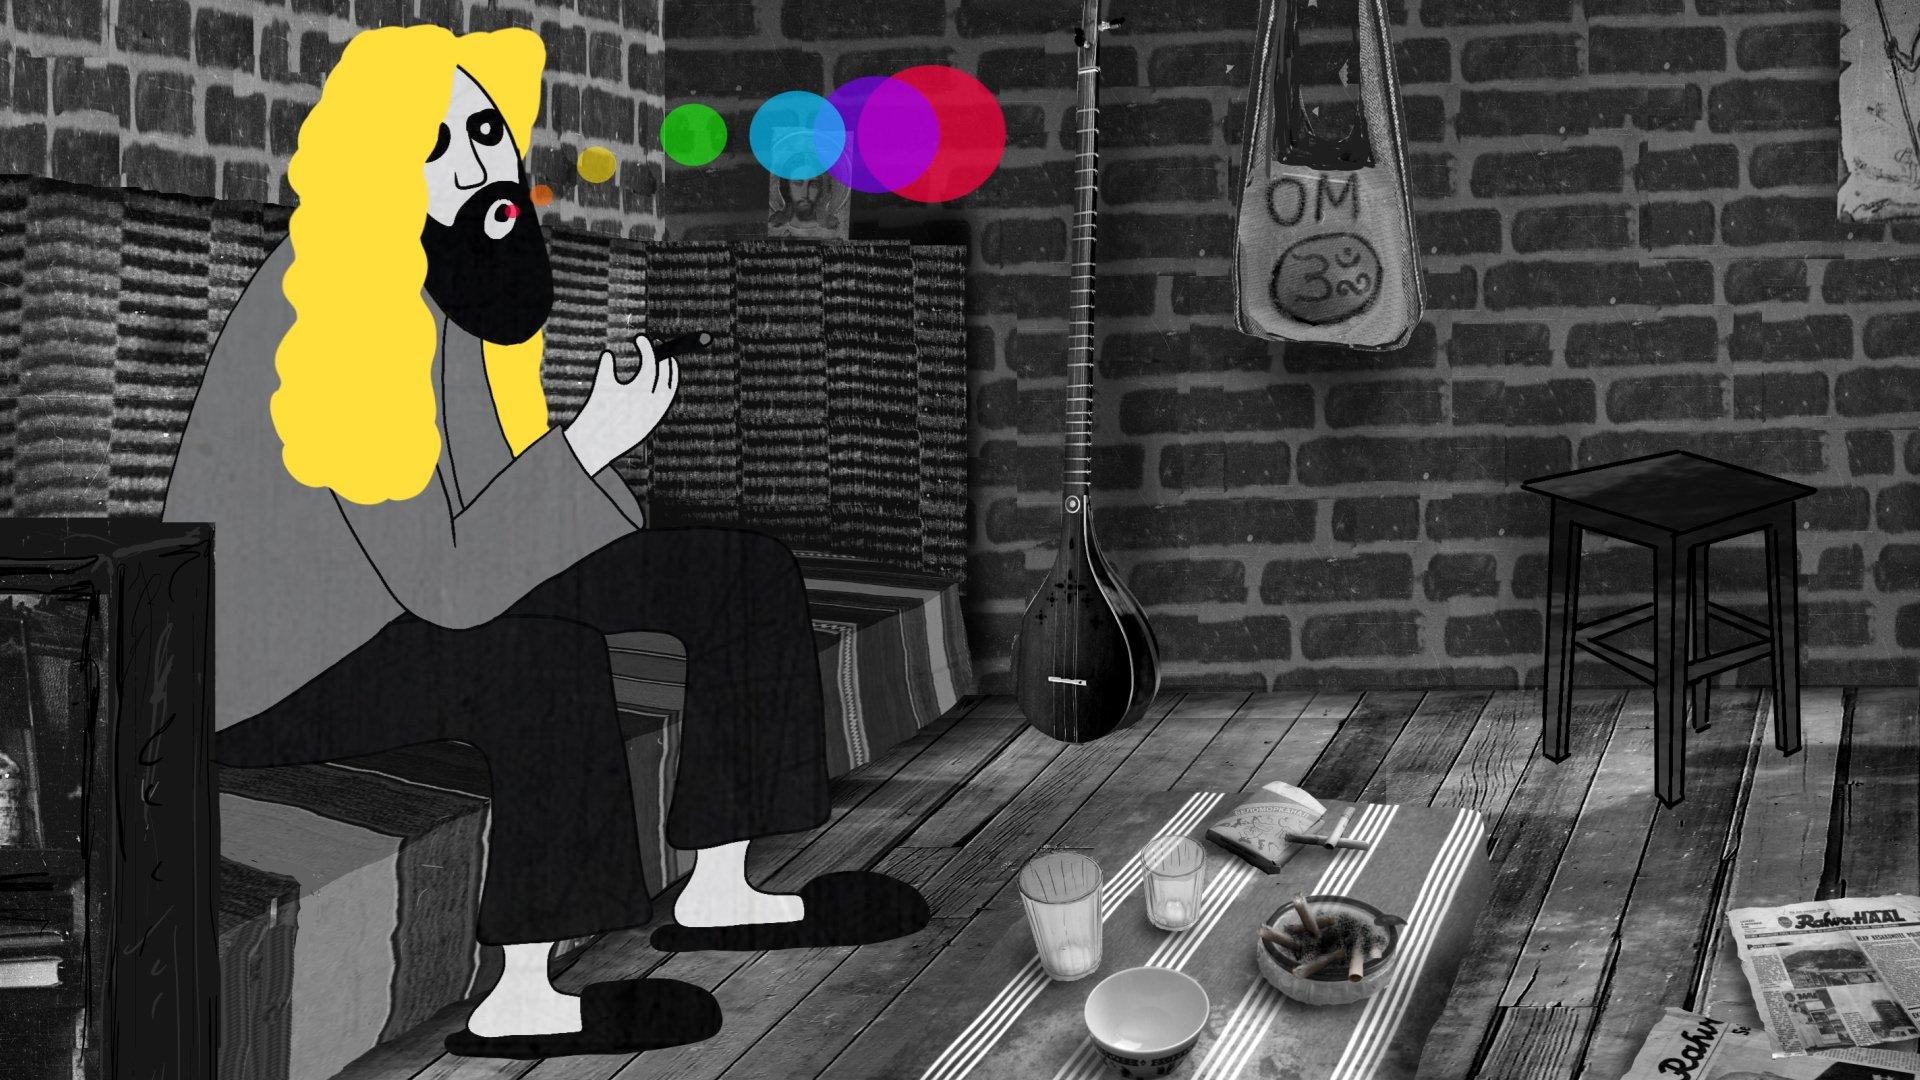 Priit Tenderi animatsioon Aare mälestusest, kuidas ta sõbra Viikingi juures psühhedeelset teed joob. Kaader filmist